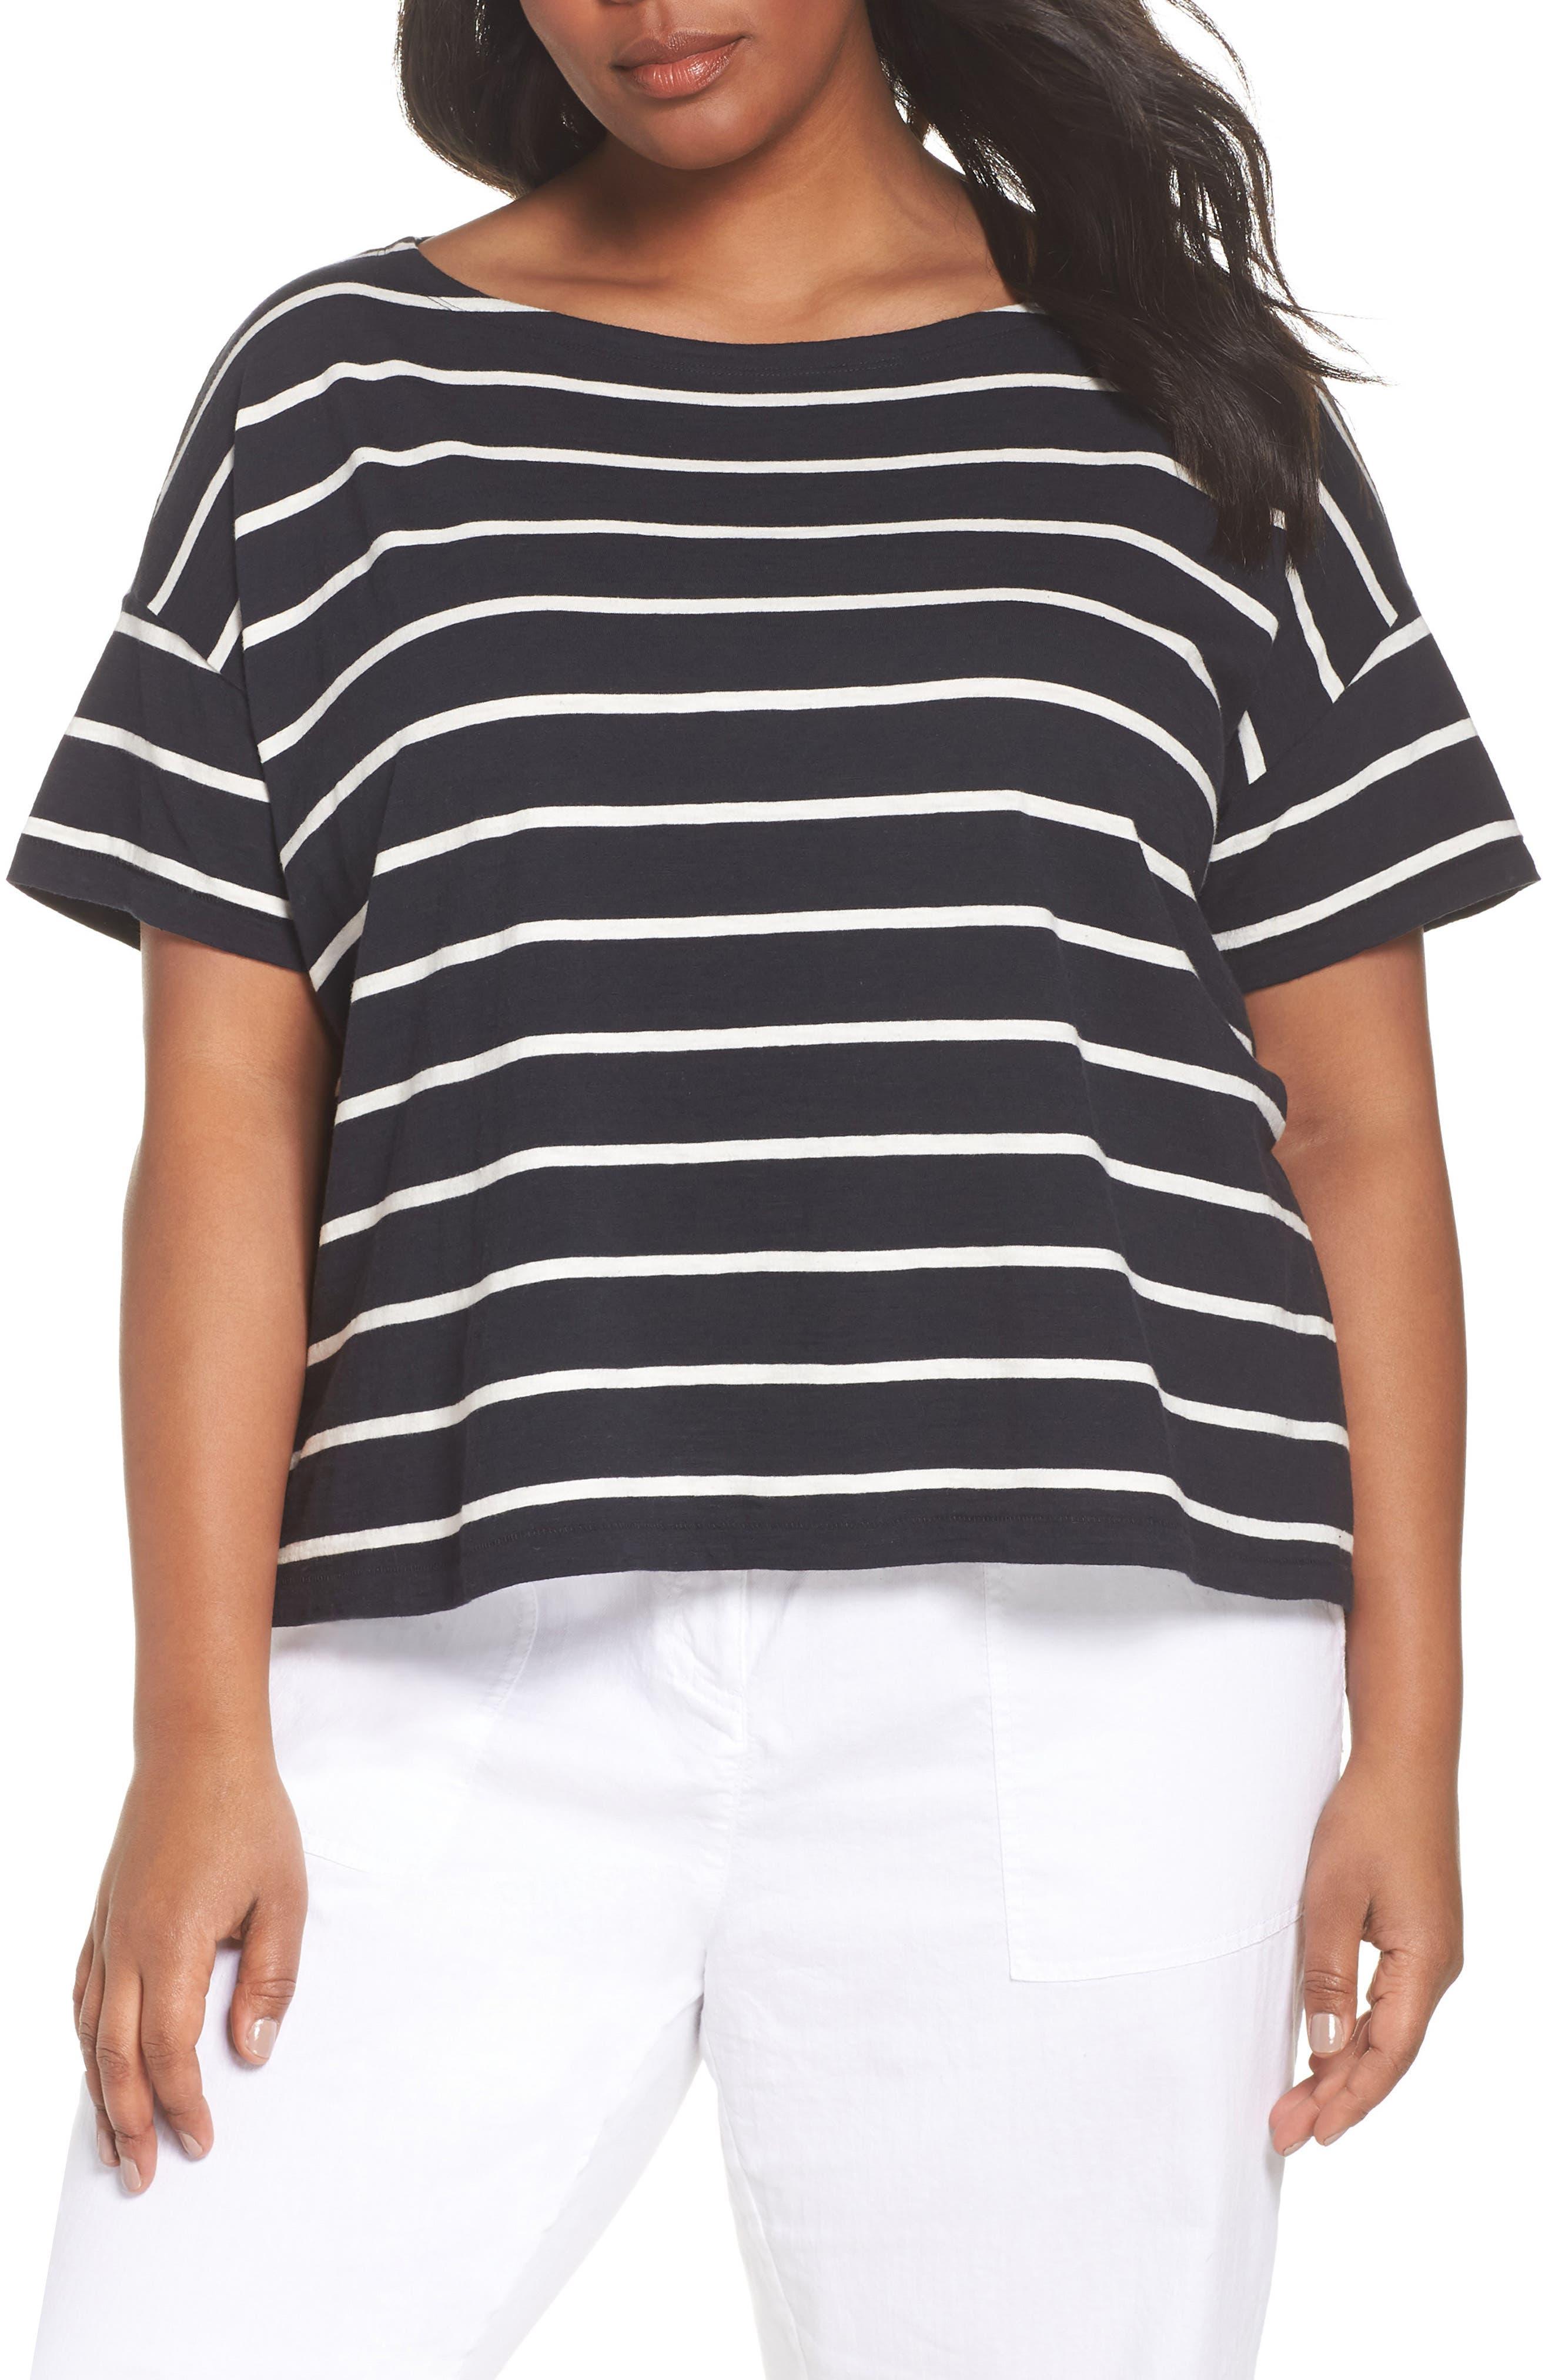 Stripe Organic Cotton Top,                         Main,                         color, Black/ White